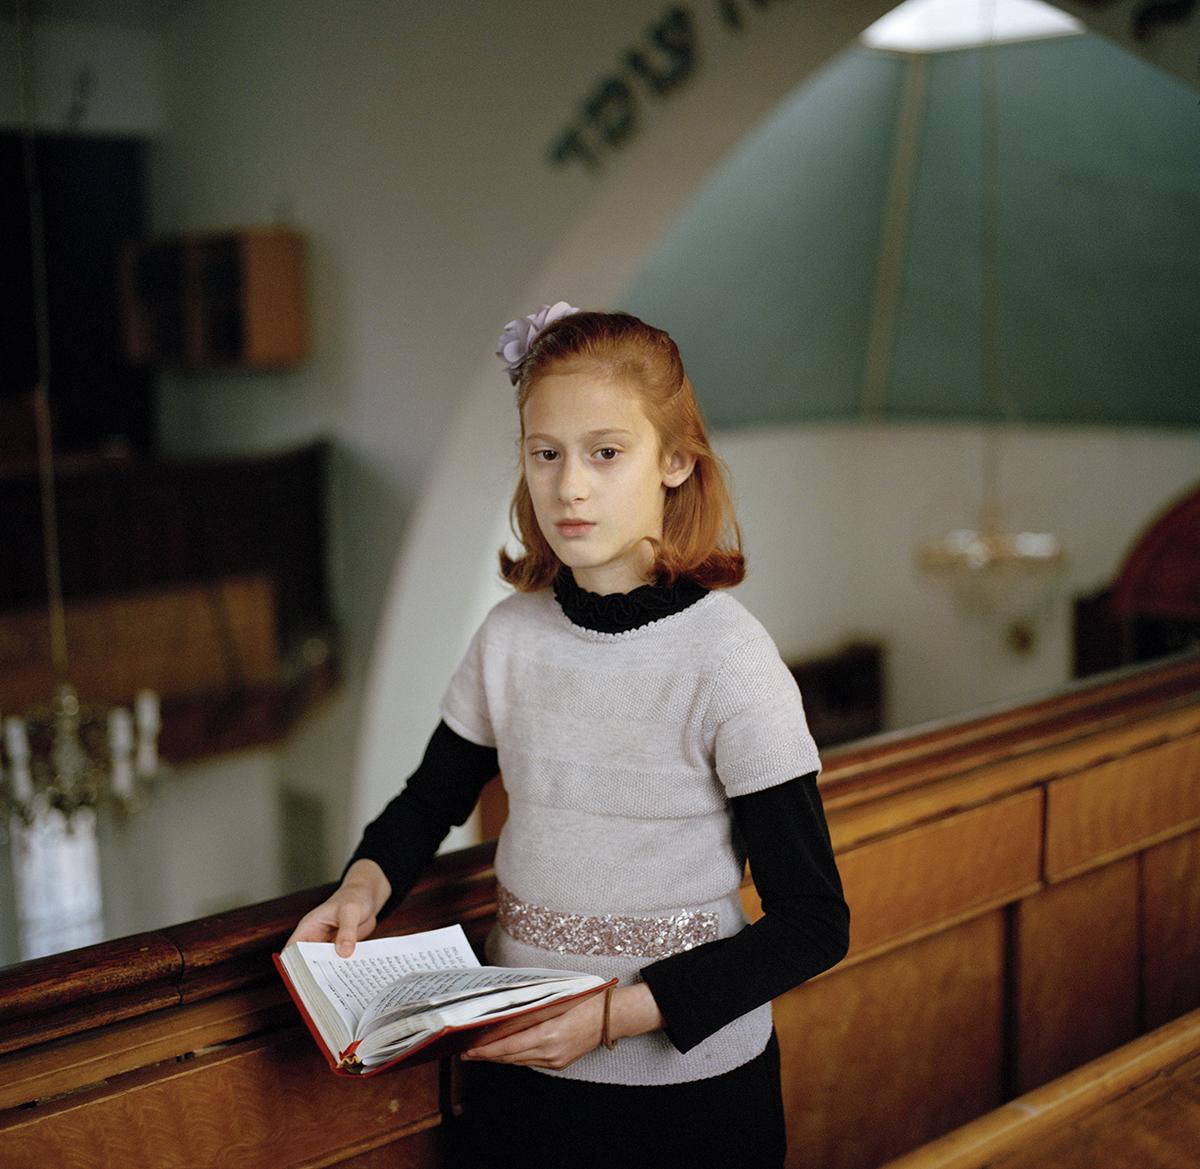 © Laura Pannack - Chayla - John Kobal Award